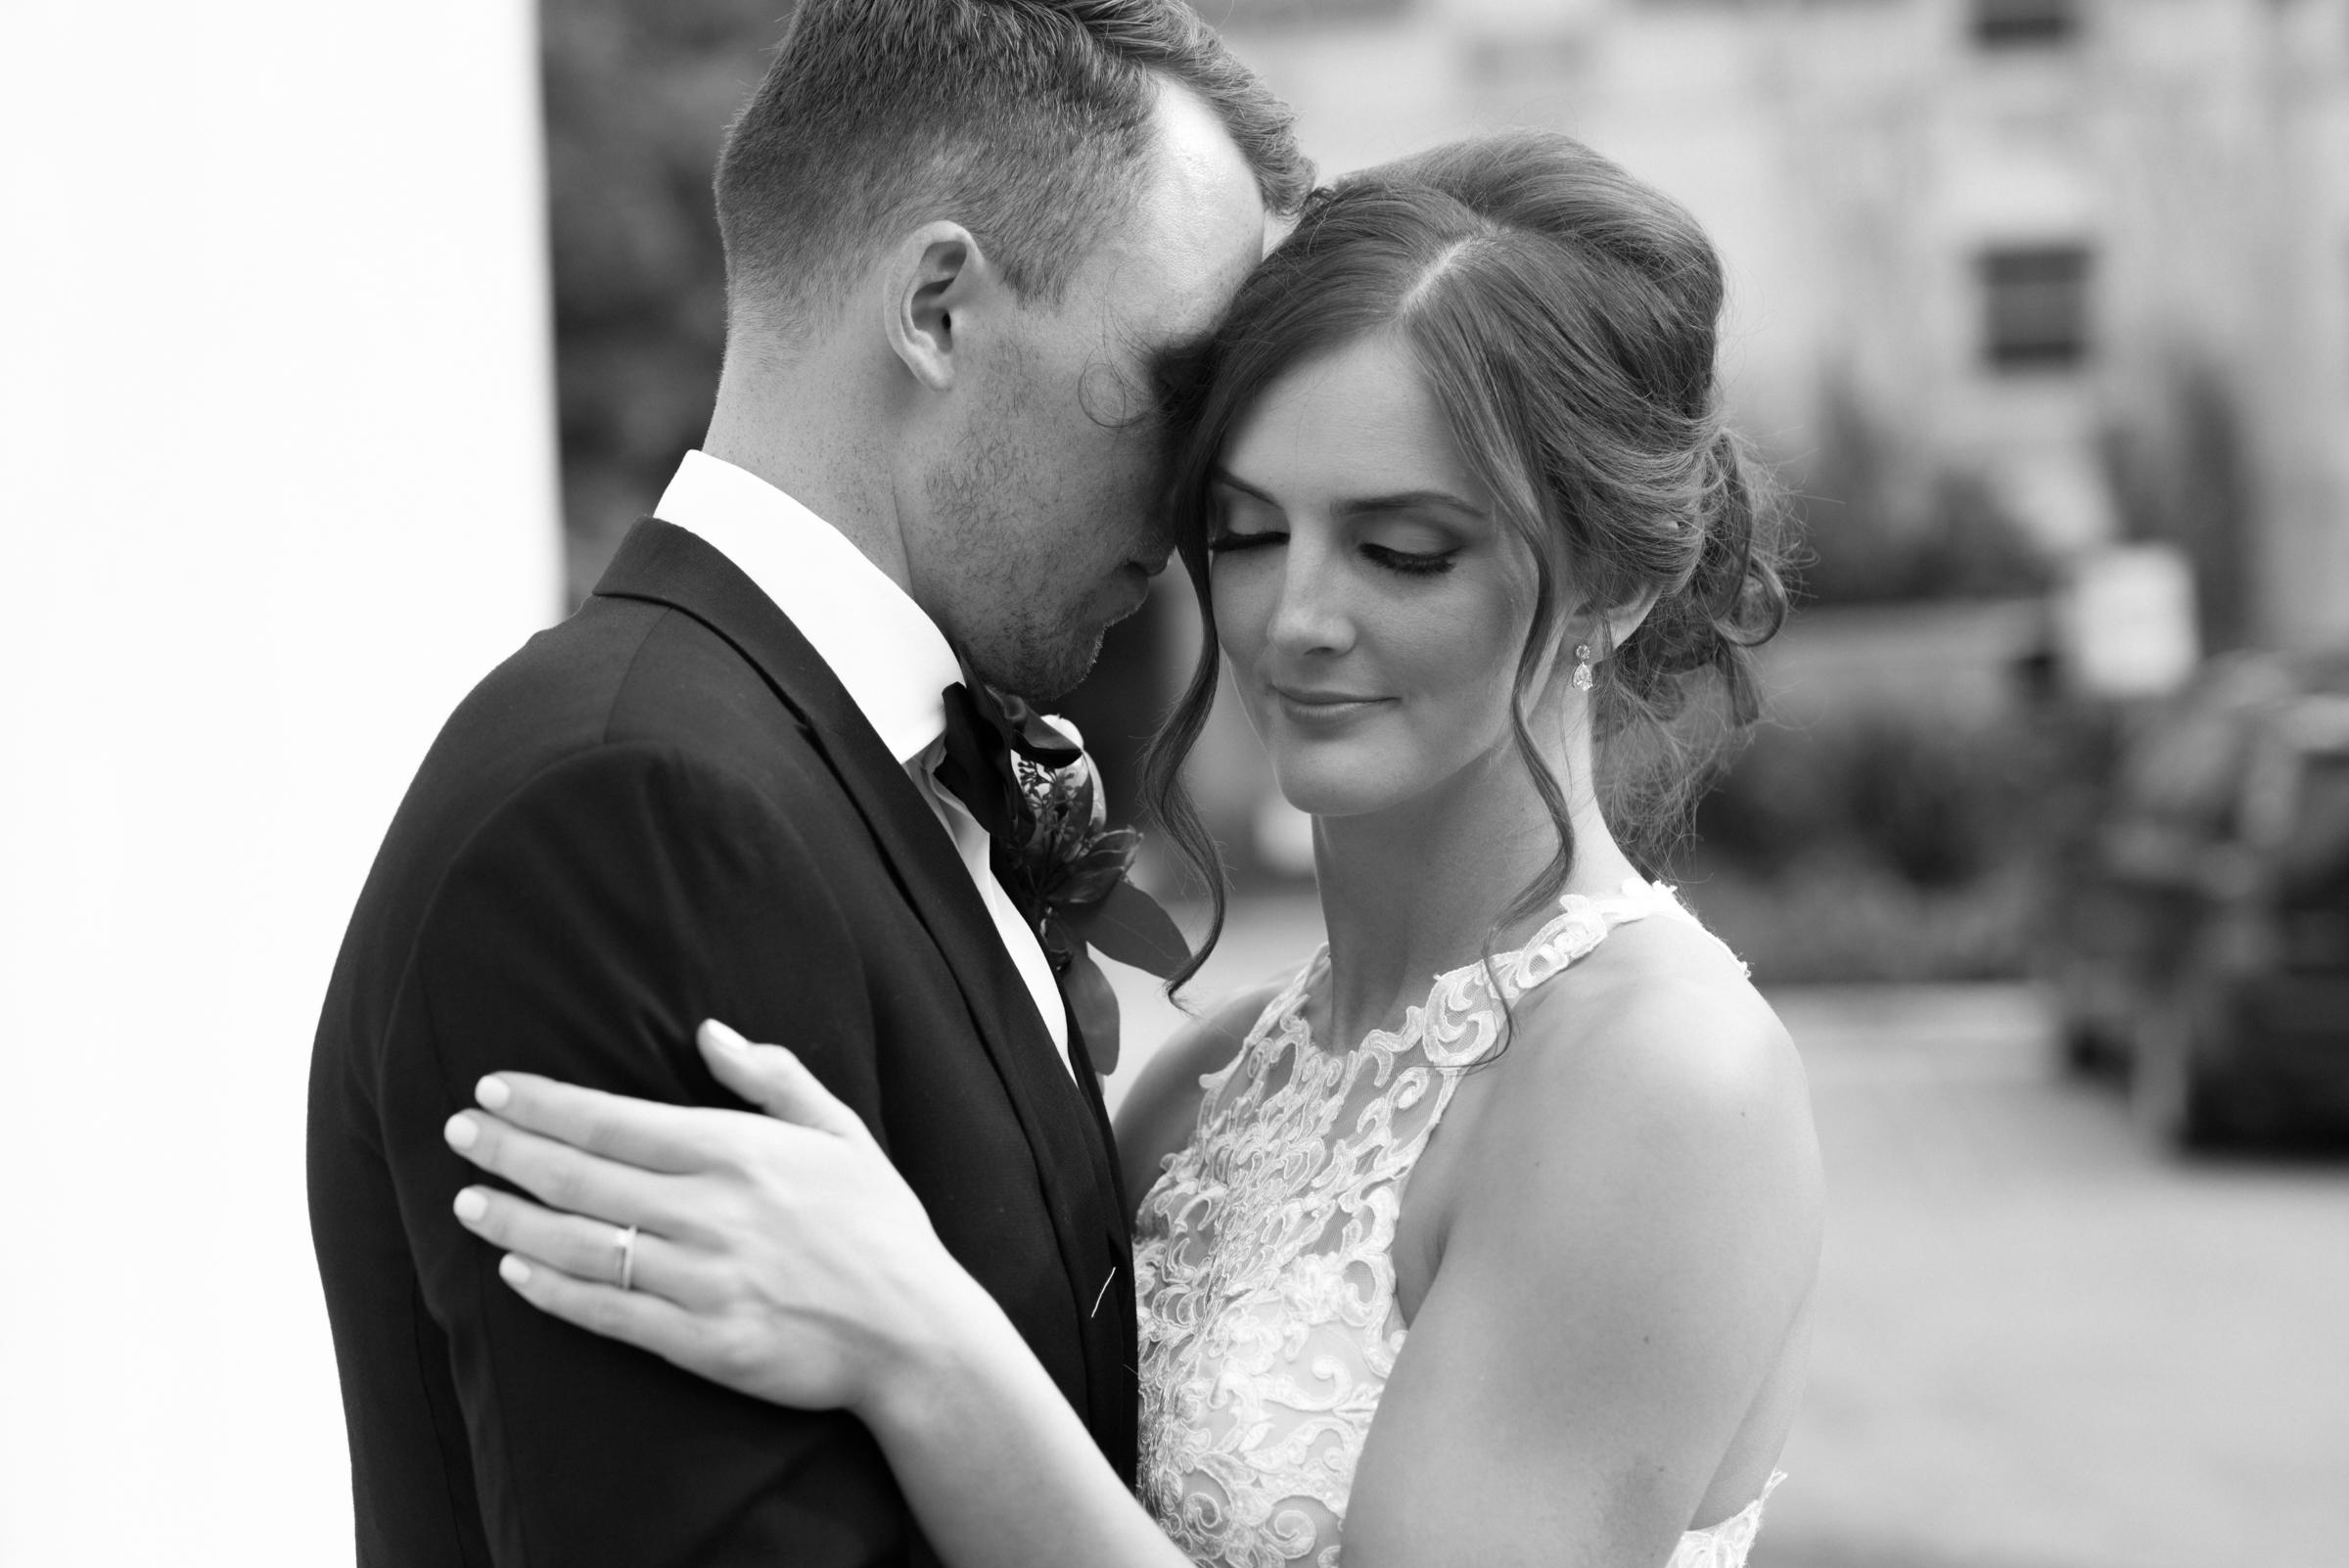 180824_KatieJake_Wedding_DSC_7905_Web.jpg